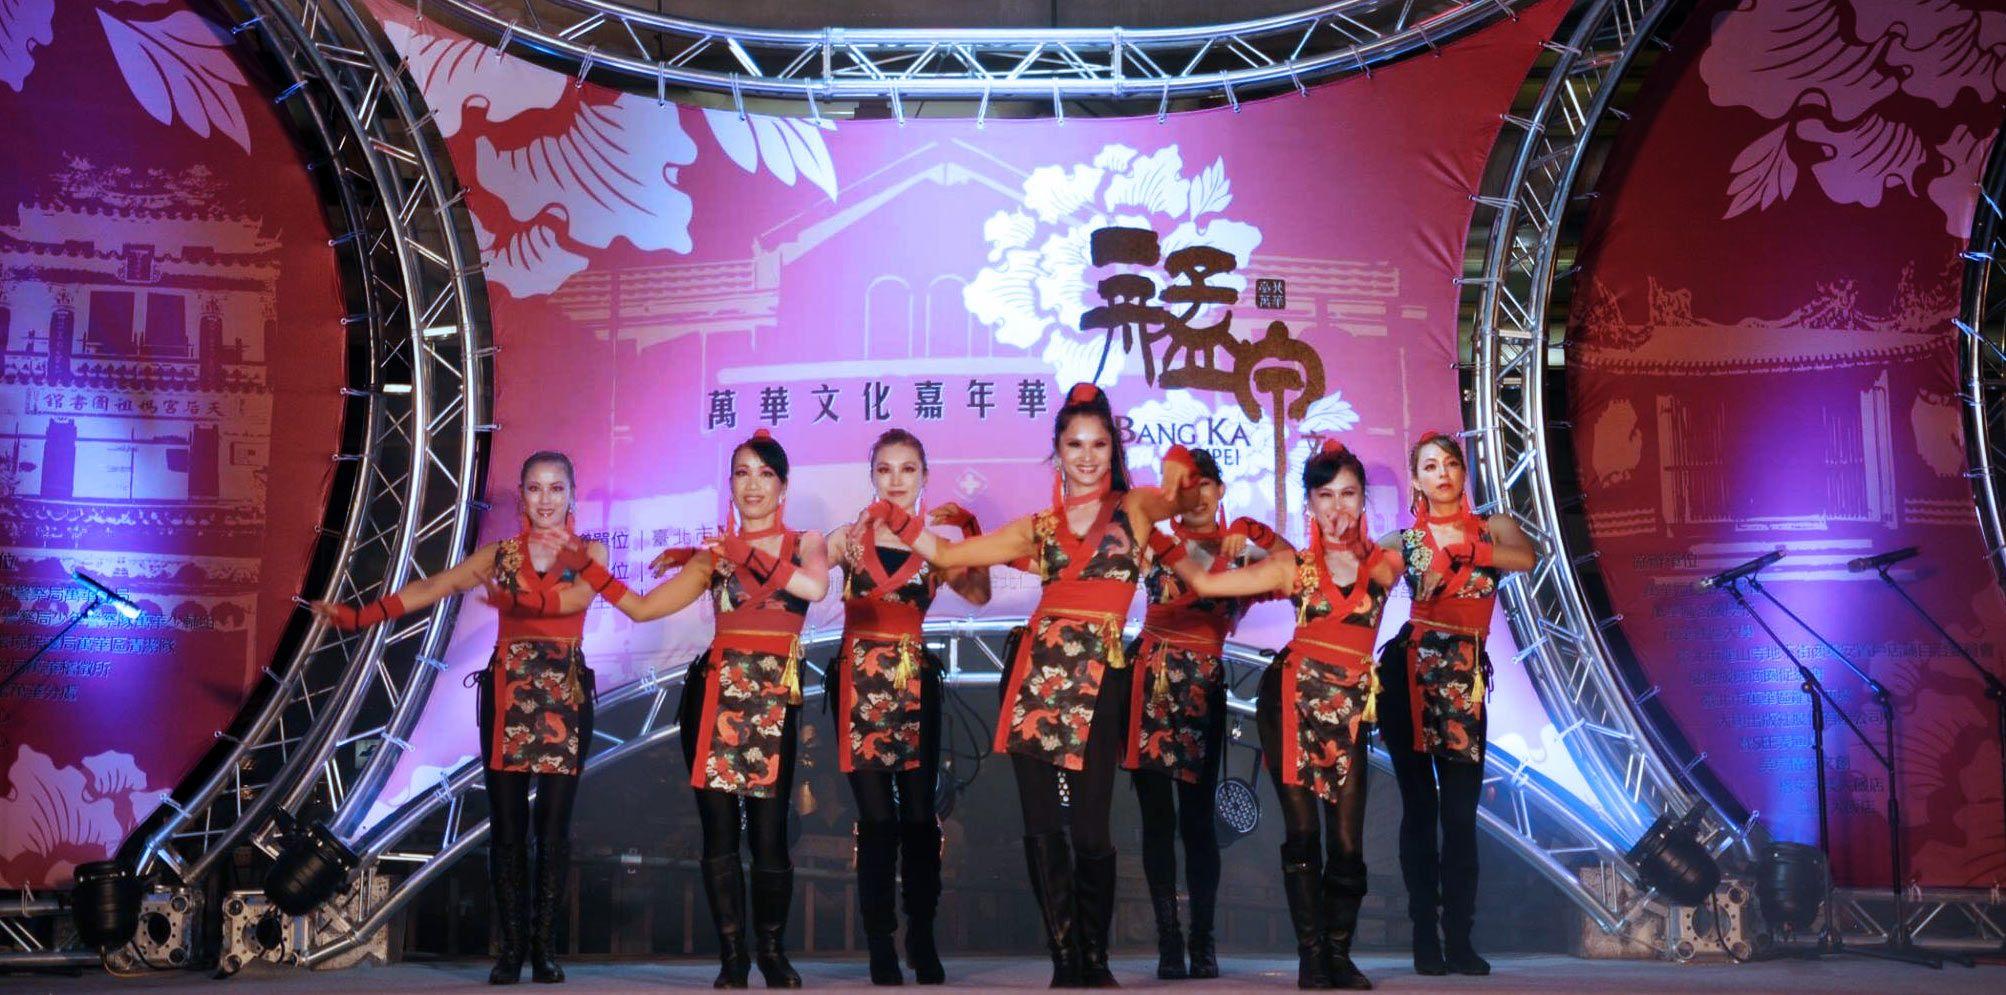 Đoàn múa Liễu Liễu-Lễ hội văn hóa Vạn Hoa (Wanhua)